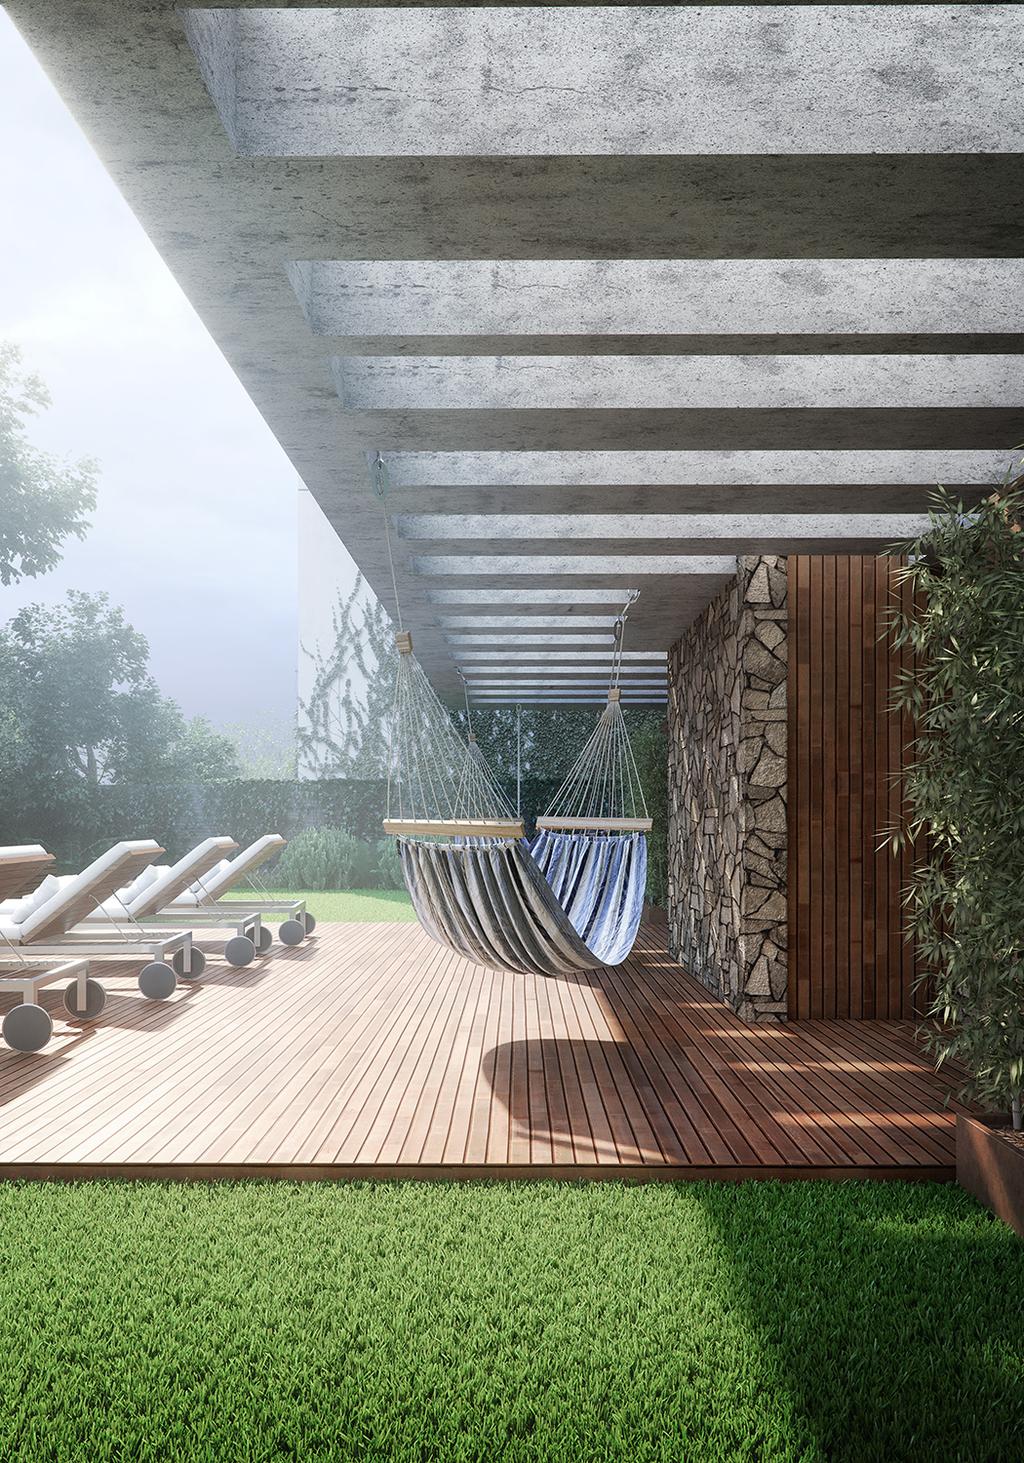 Uma arquitetura que convida a explorar as intersecções entre o ancestral e o contemporâneo, entre o natural e o urbano. Um projeto que une a arquitetura, arte e design. O empreendimento estabelece um novo patamar estético e técnico, que redefine padrões de conforto e eficiência termoacústica. São 16 lofts com 103.65 m (2 suítes) com pé direito livre de 2,70 m, com possibilidade de unificação em andar inteiro com 207,3 m (2, 3 ou 4 suítes), além da Penthouse com 215,95 m e pé direito livre de 3,90 m, 2 a 4 vagas. Todas as unidades são concebidas como planta livre, personalizável ao longo da obra.